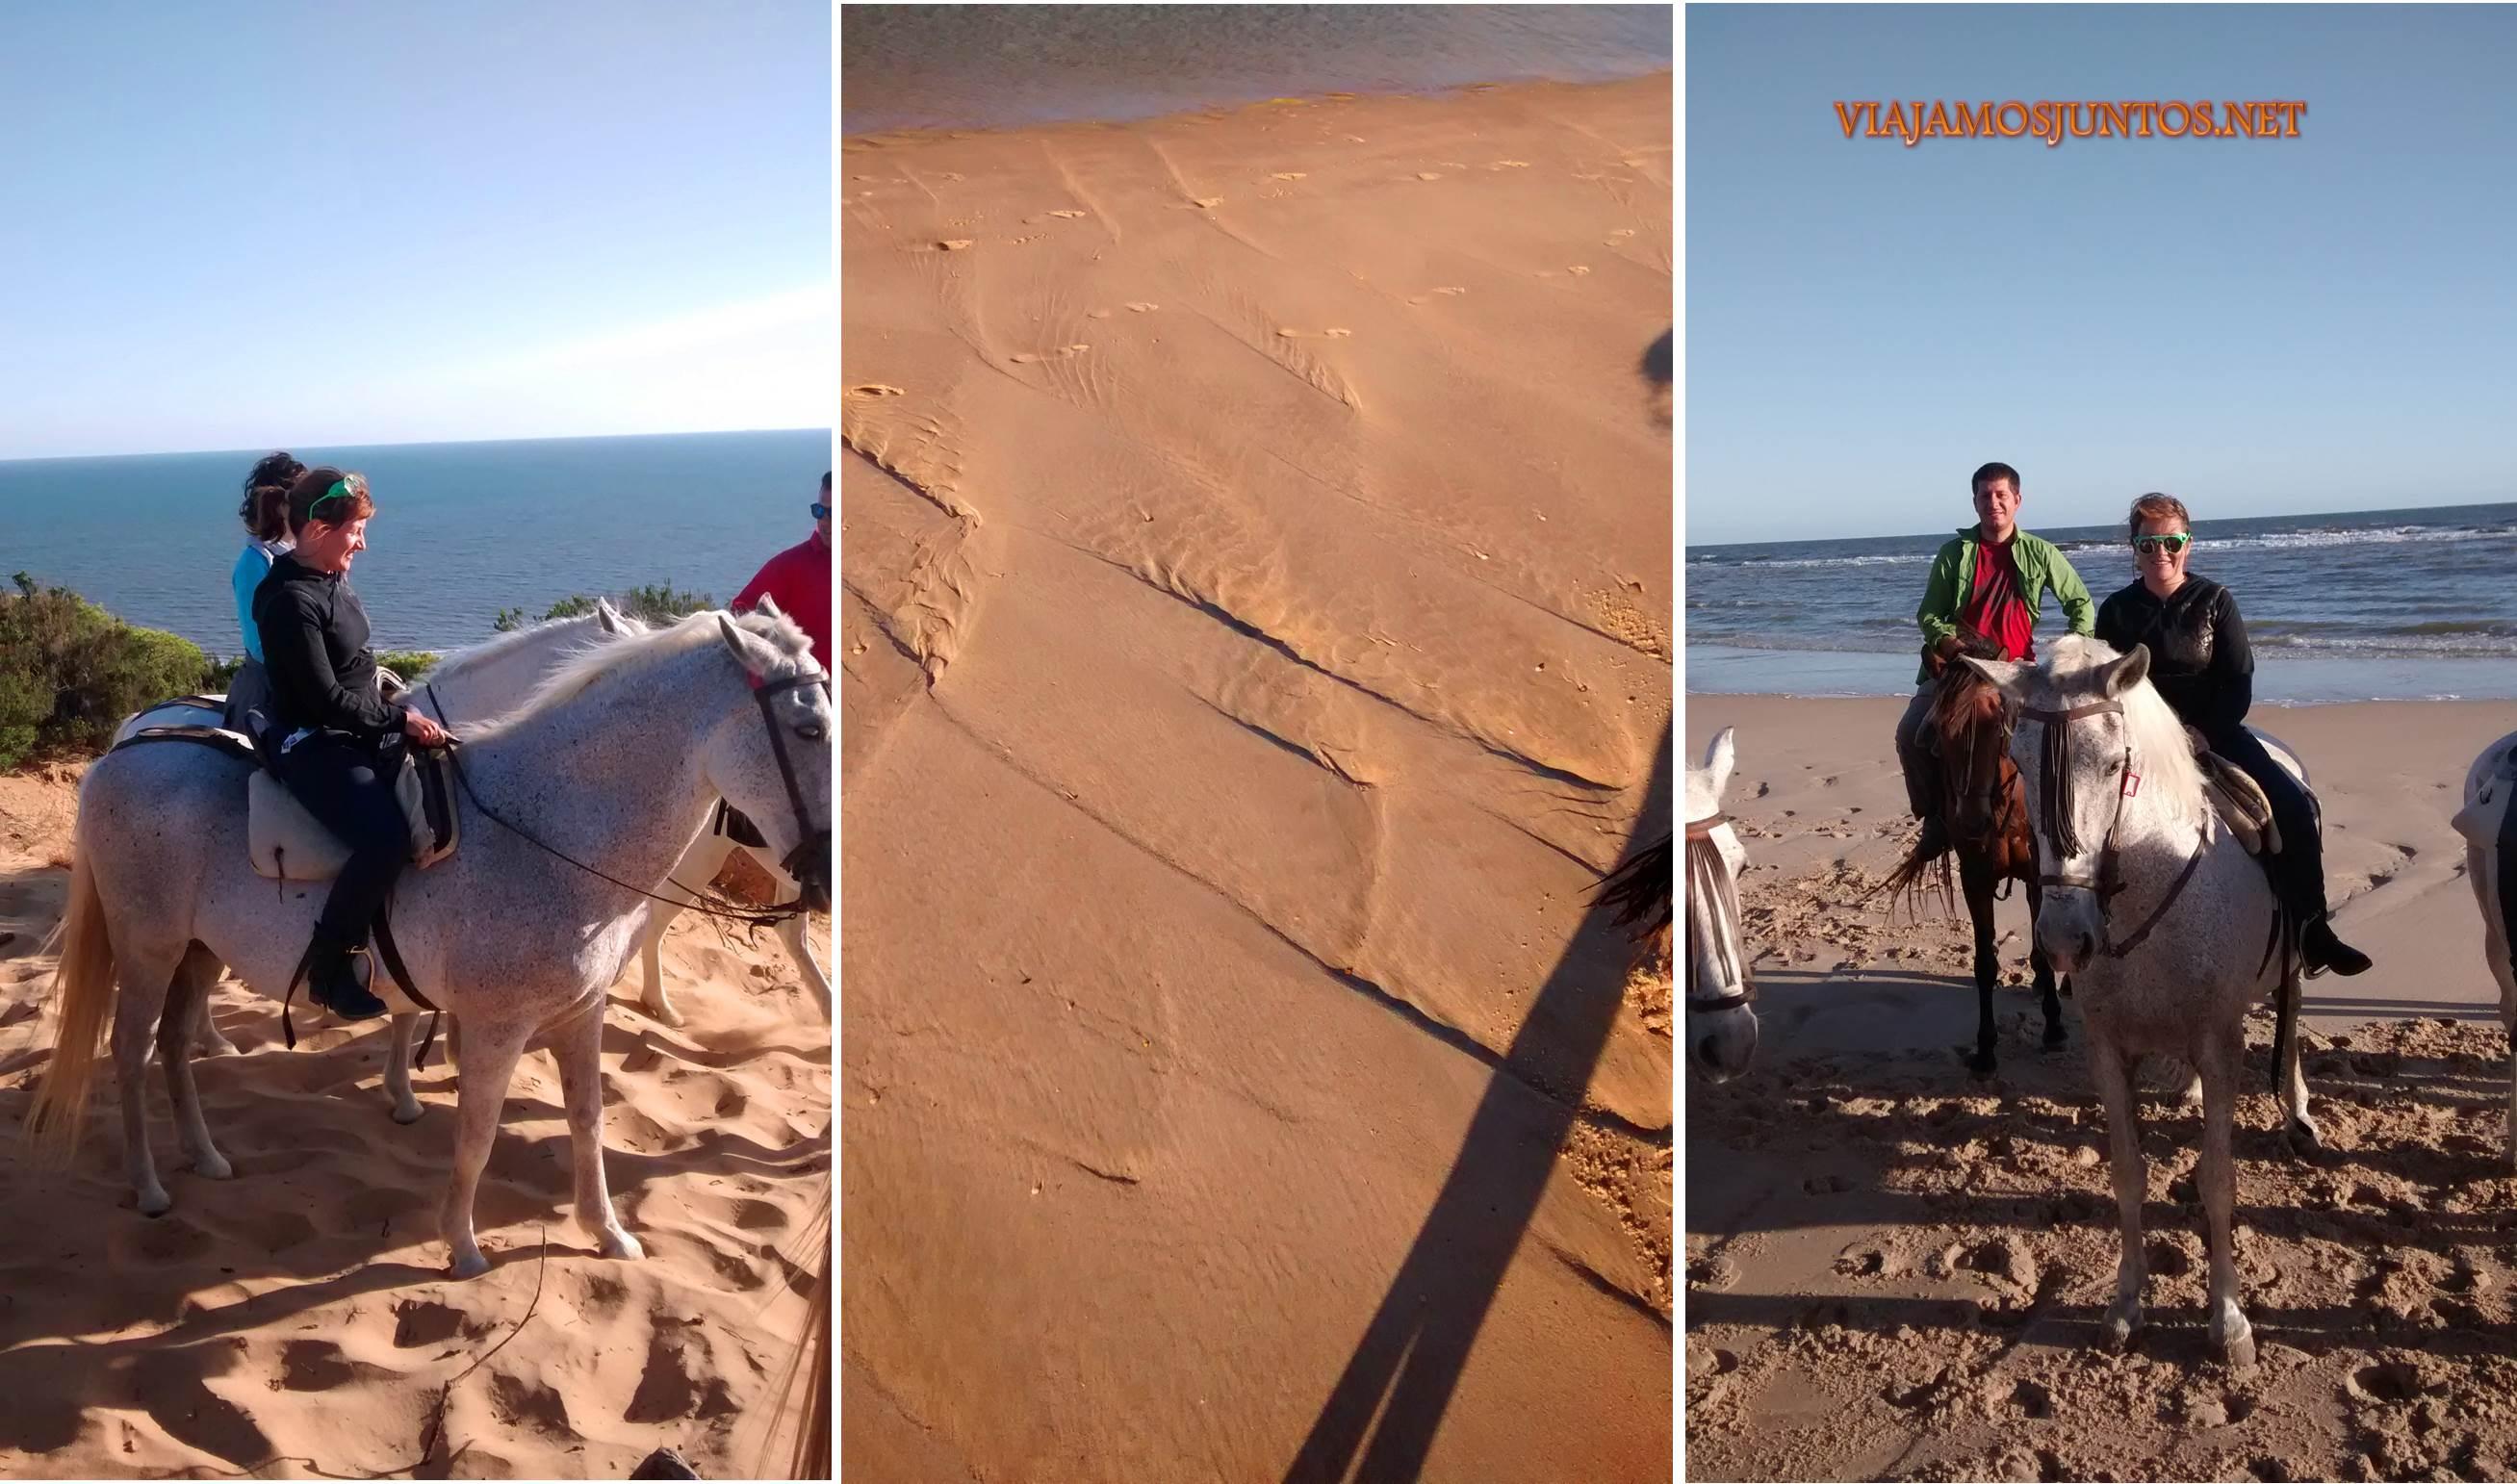 Doñana, pasodoble, asperillo, laguna Jaral, parque natural, parque nacional, parque dunar, dunas, dunas fijas, huelva, andalucia, acantilado, senderismo, rutas, el Rocío, caballos